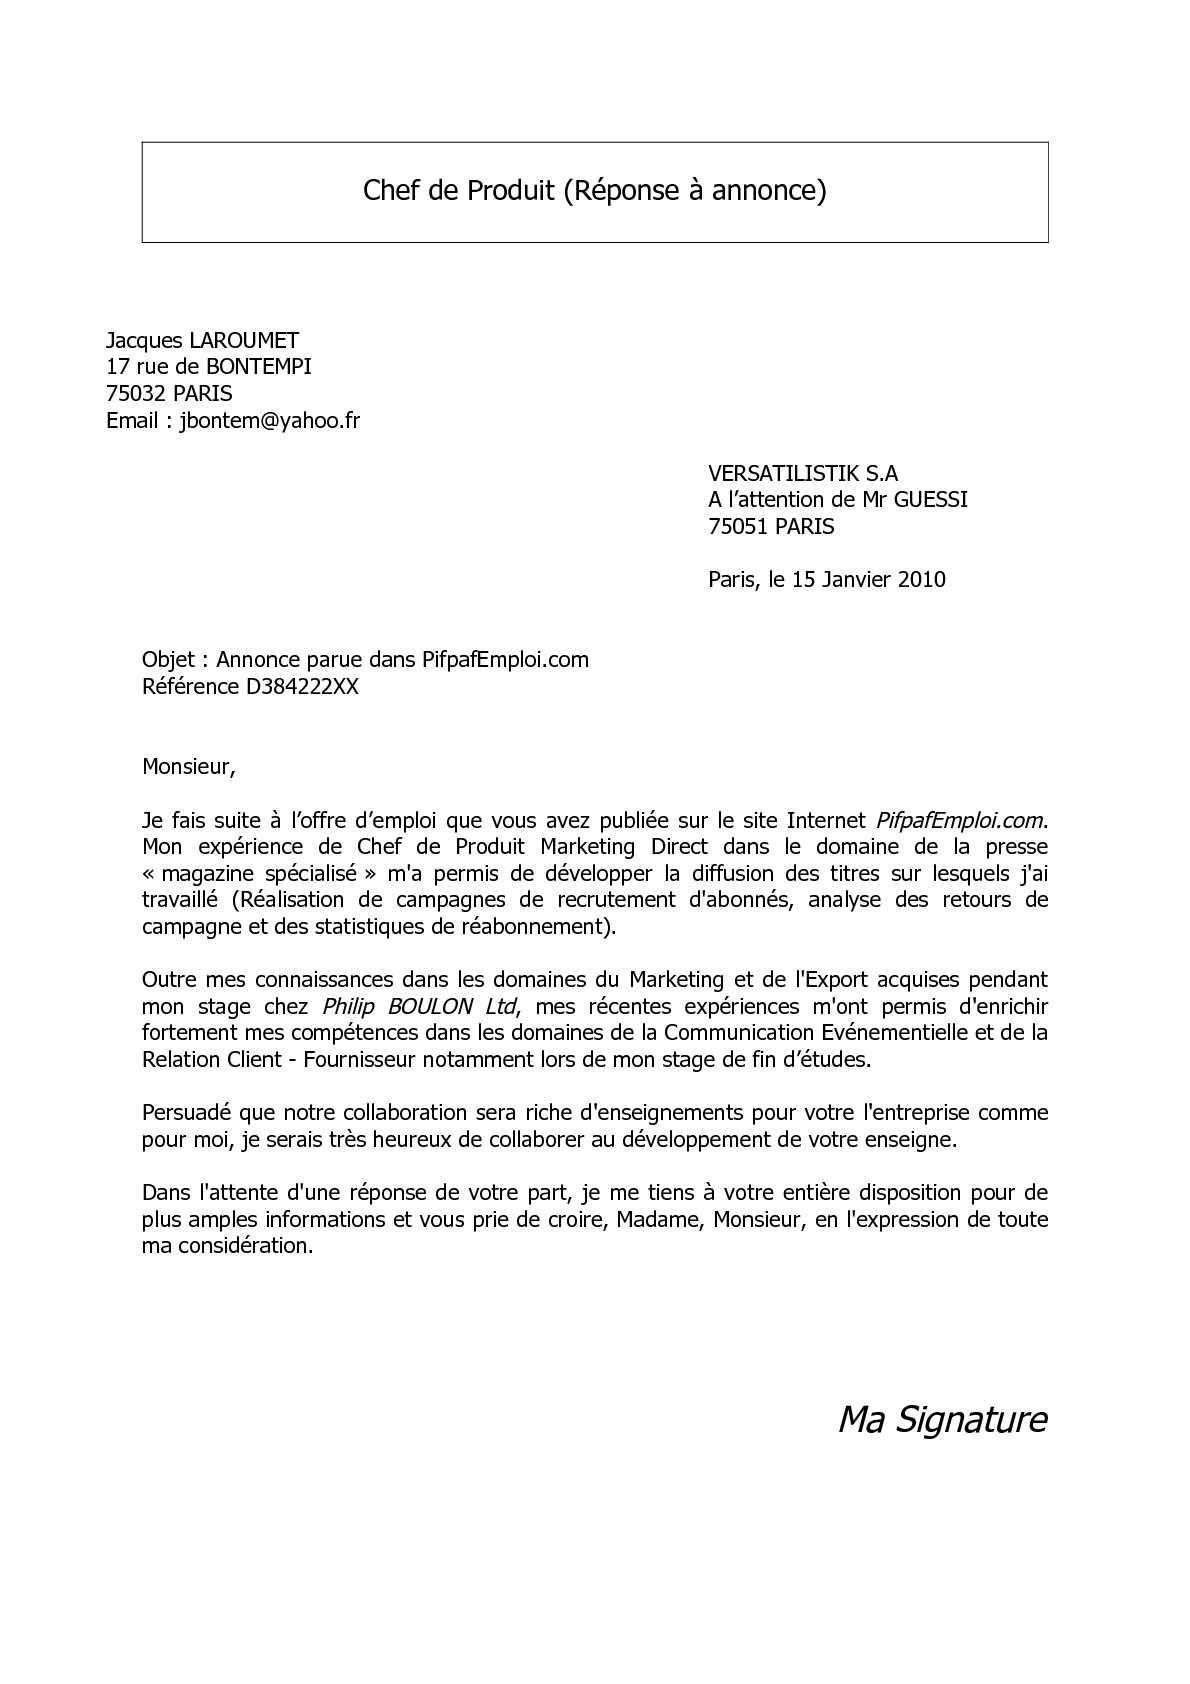 Calaméo Lettre Motivation Cyber Orange Chef De Produit